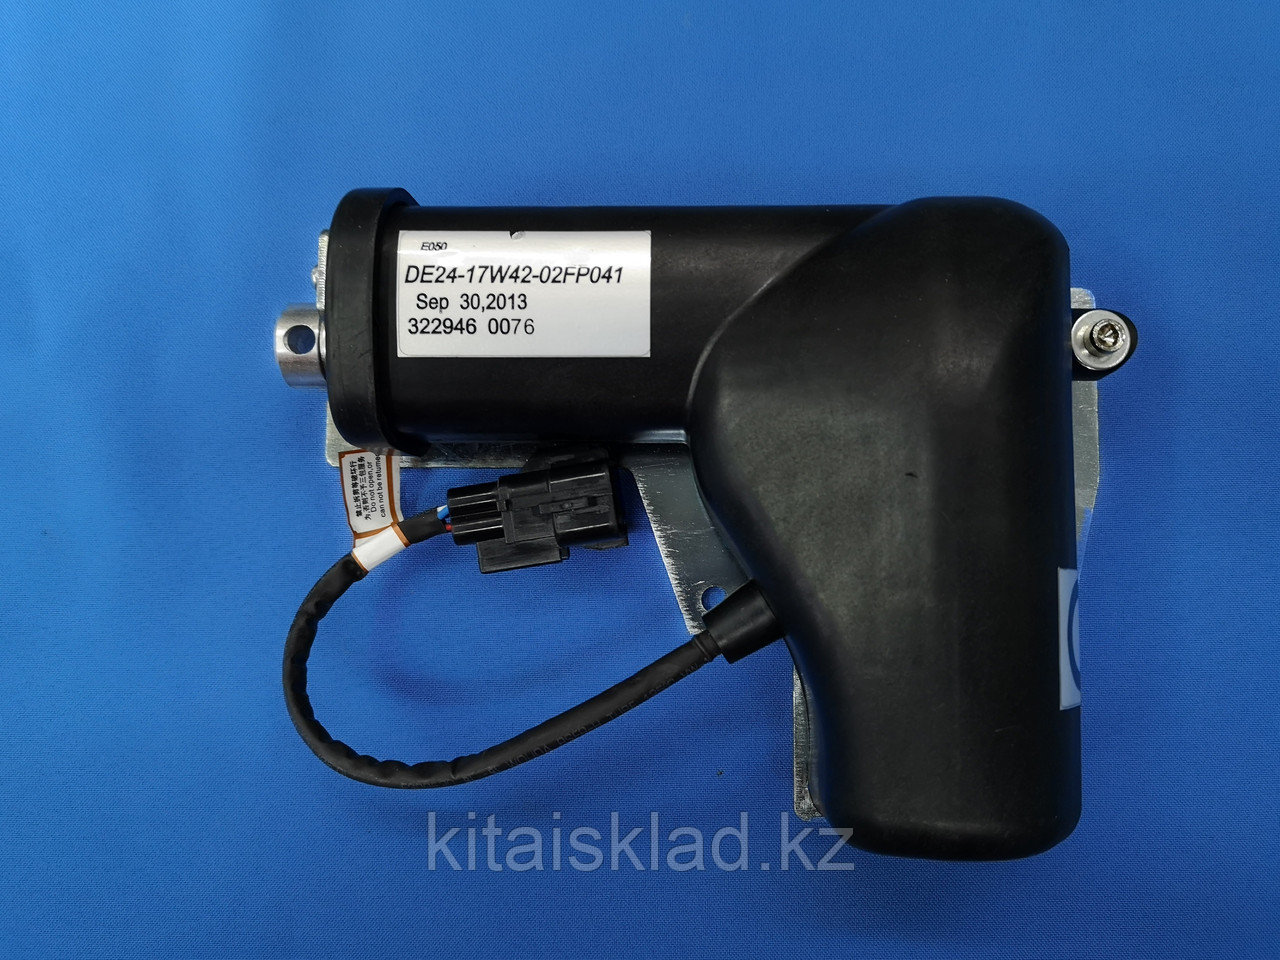 Потенциометр (дроссельный двигатель) de24-17w42-02fp041 экскаватора XCG, LIUGONG